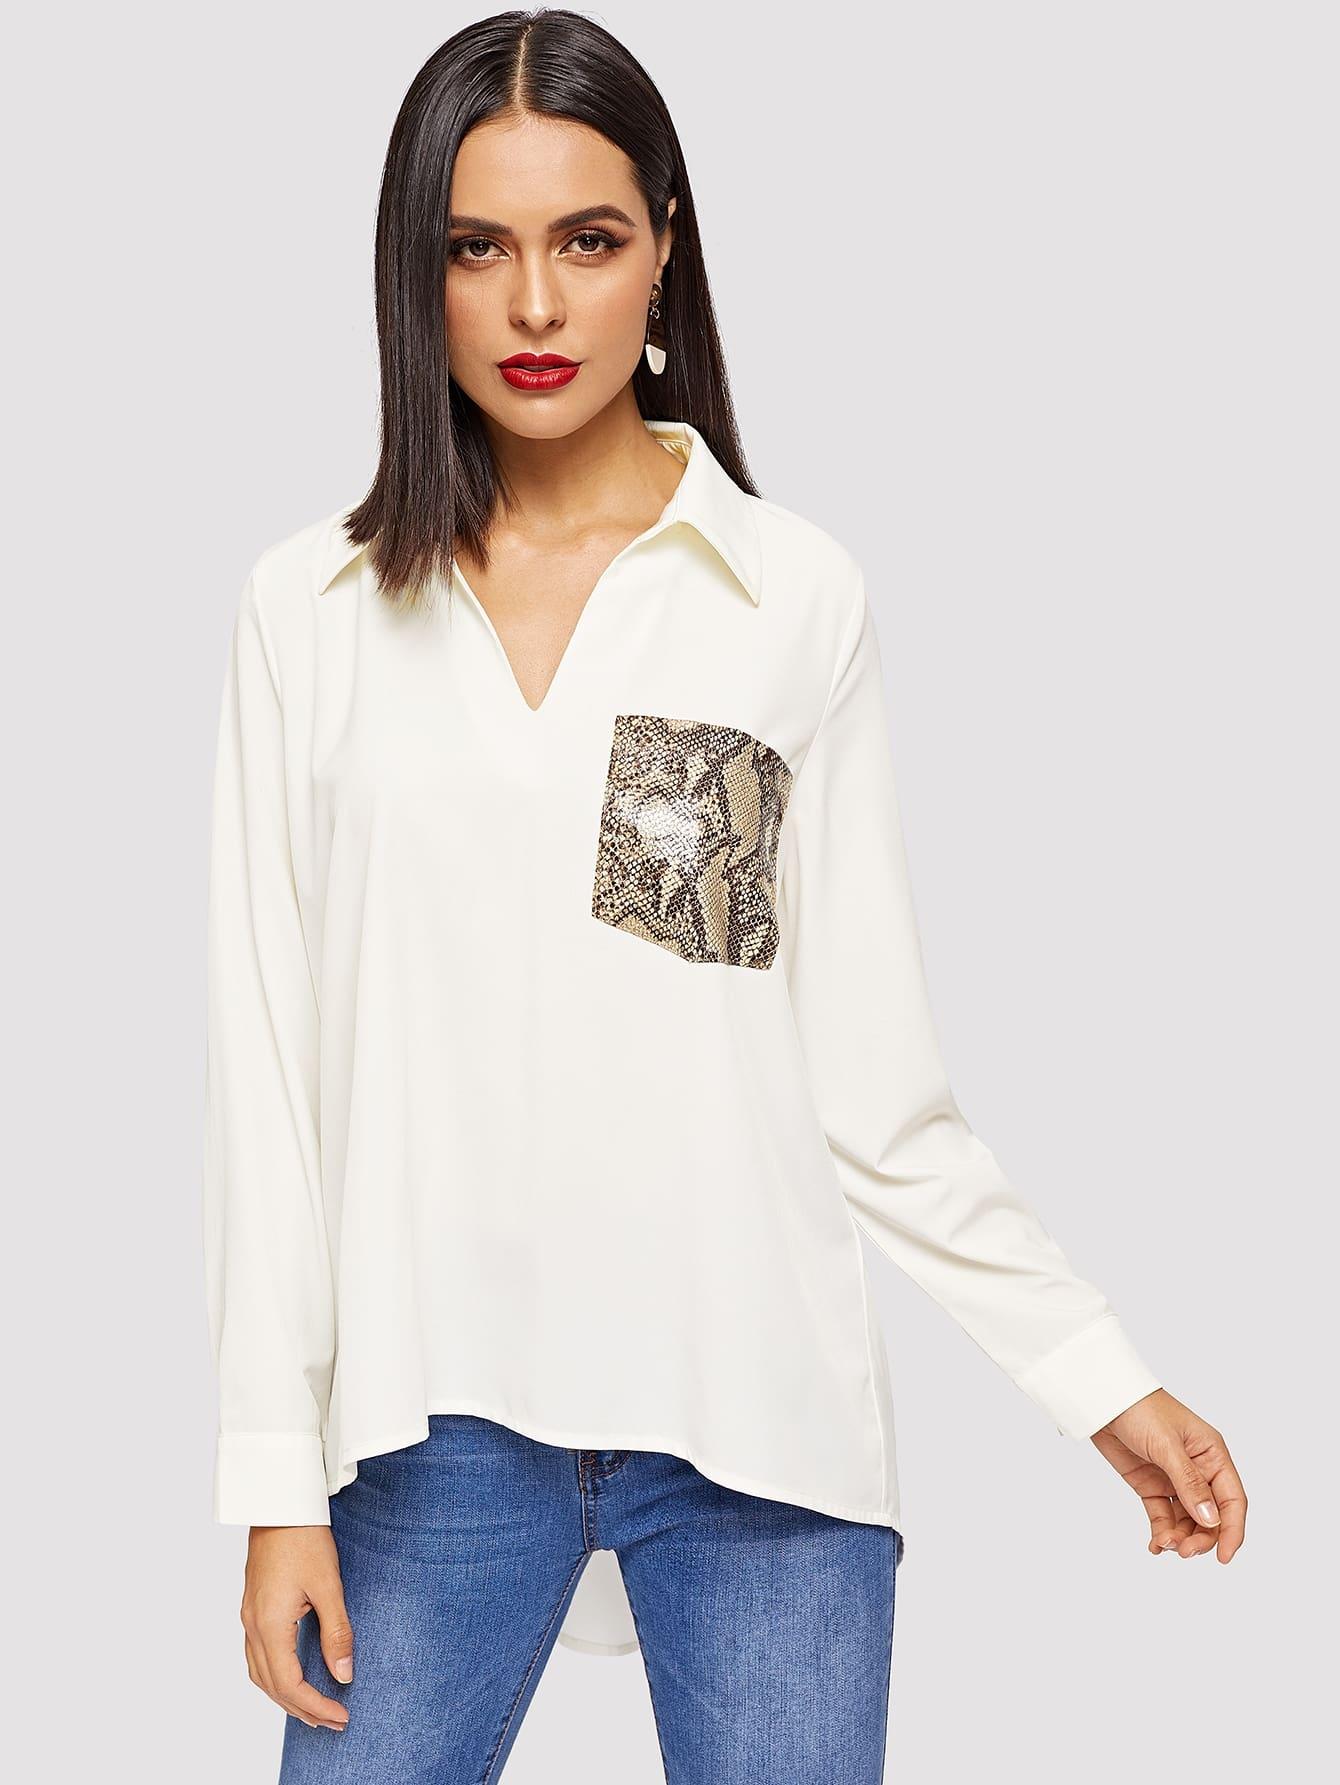 Купить Асимметричная блуза с карманом, Vero, SheIn